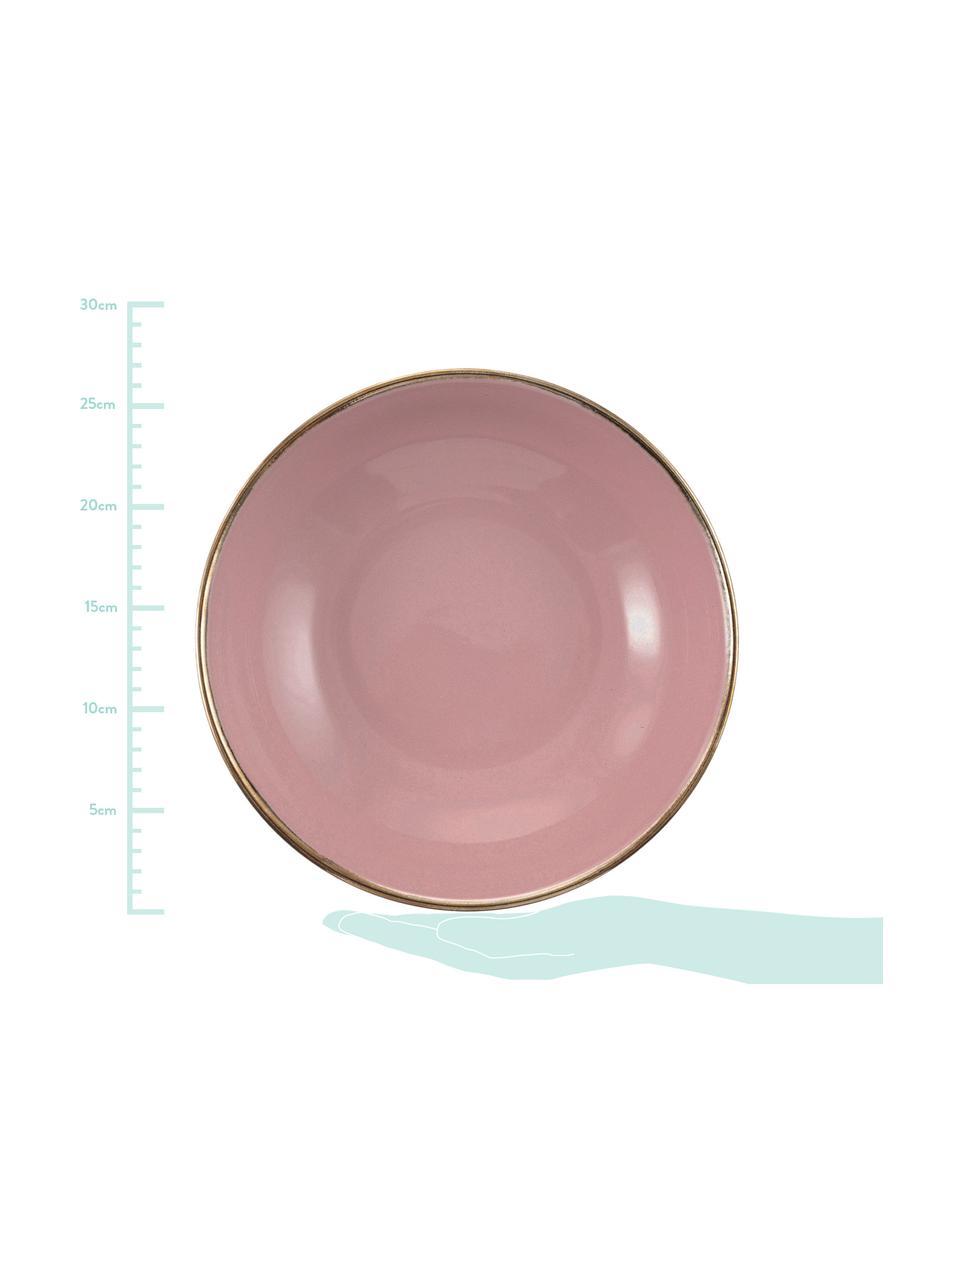 Set di piatti Royal Passion 18 pz, Terracotta, Bordeaux, rosso scuro, blu grigio, rosa, grigio chiaro, grigio scuro, Set in varie misure